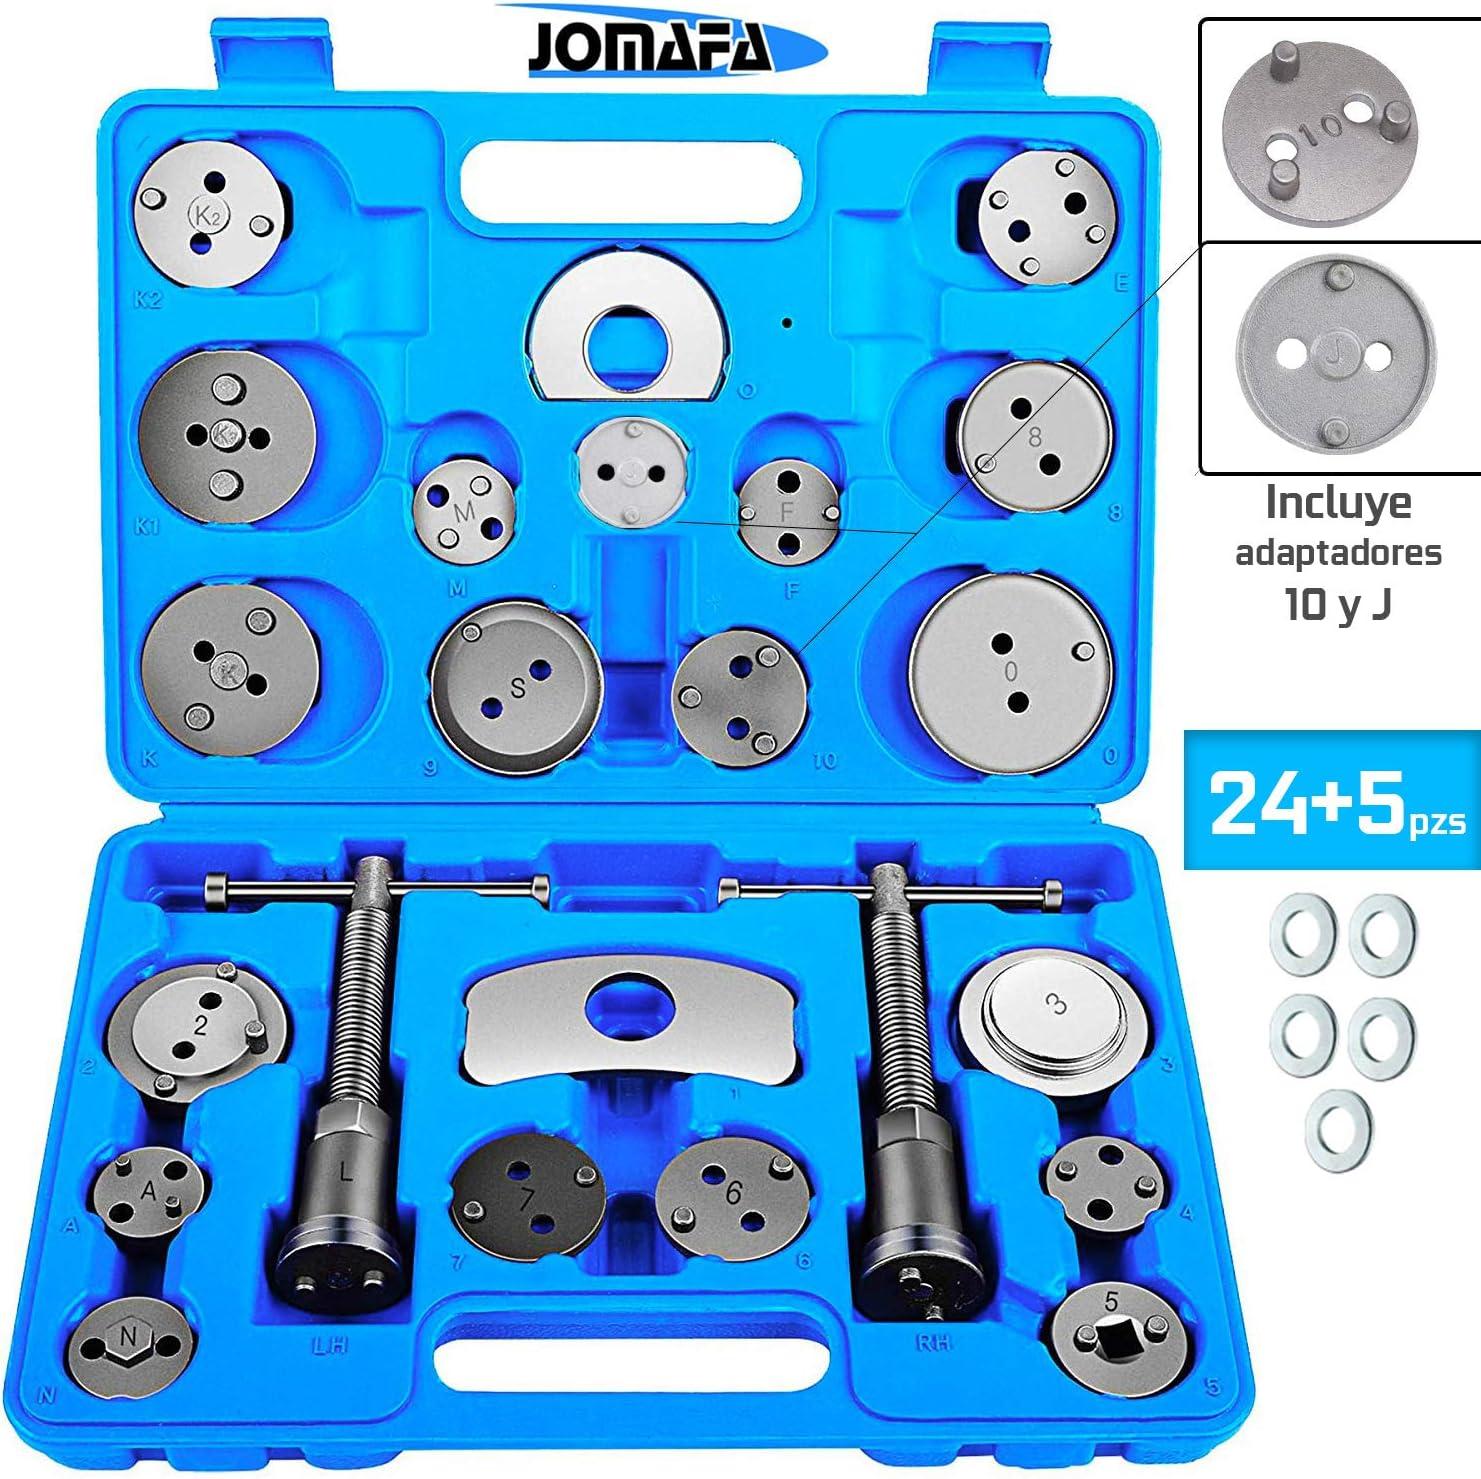 JOMAFA - Reposicionador de pistones de frenos 24 + 5 arandelas retractor adaptador 10 y J (para reposicionar el pistón de freno al cambiar los discos, las zapatas o las pastillas de freno)